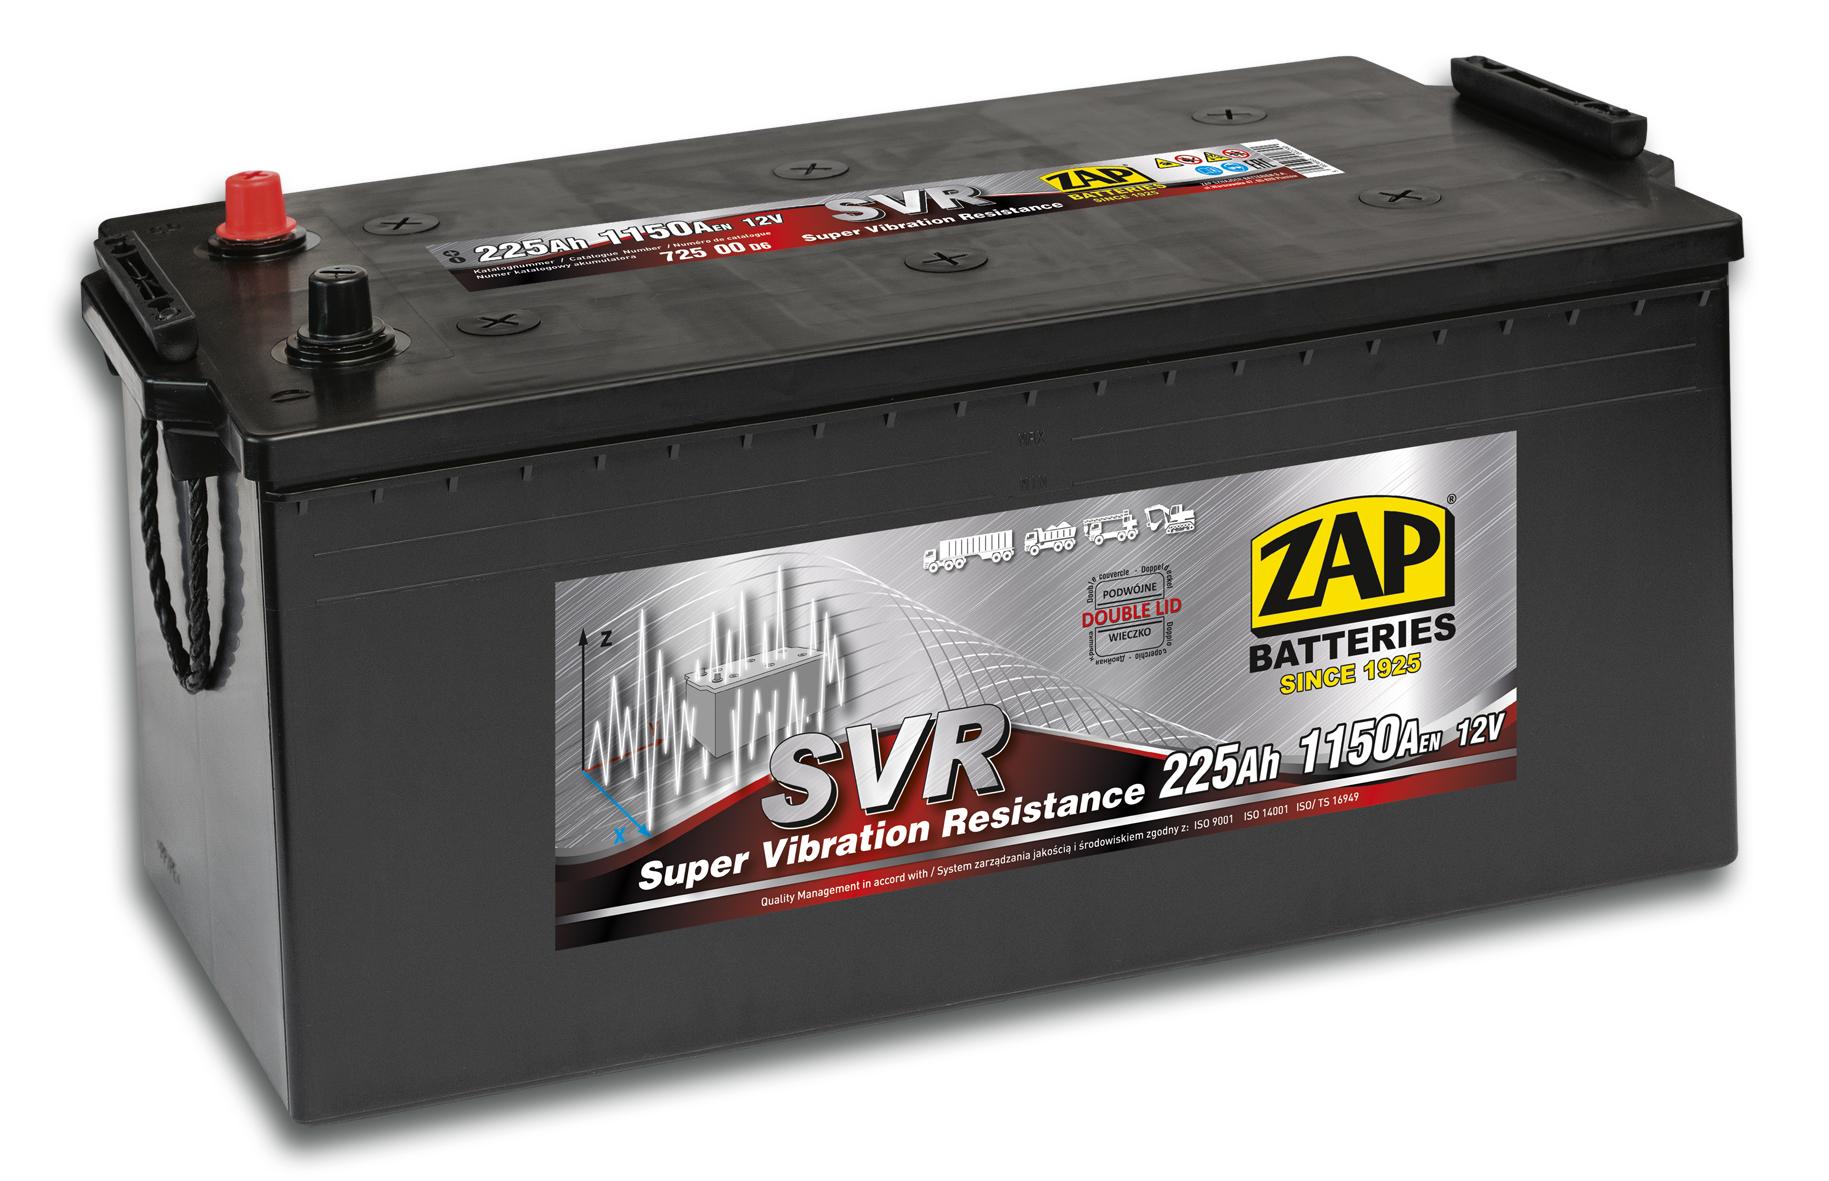 Akumulator Zap Svr 12v 225ah 1150a 72500